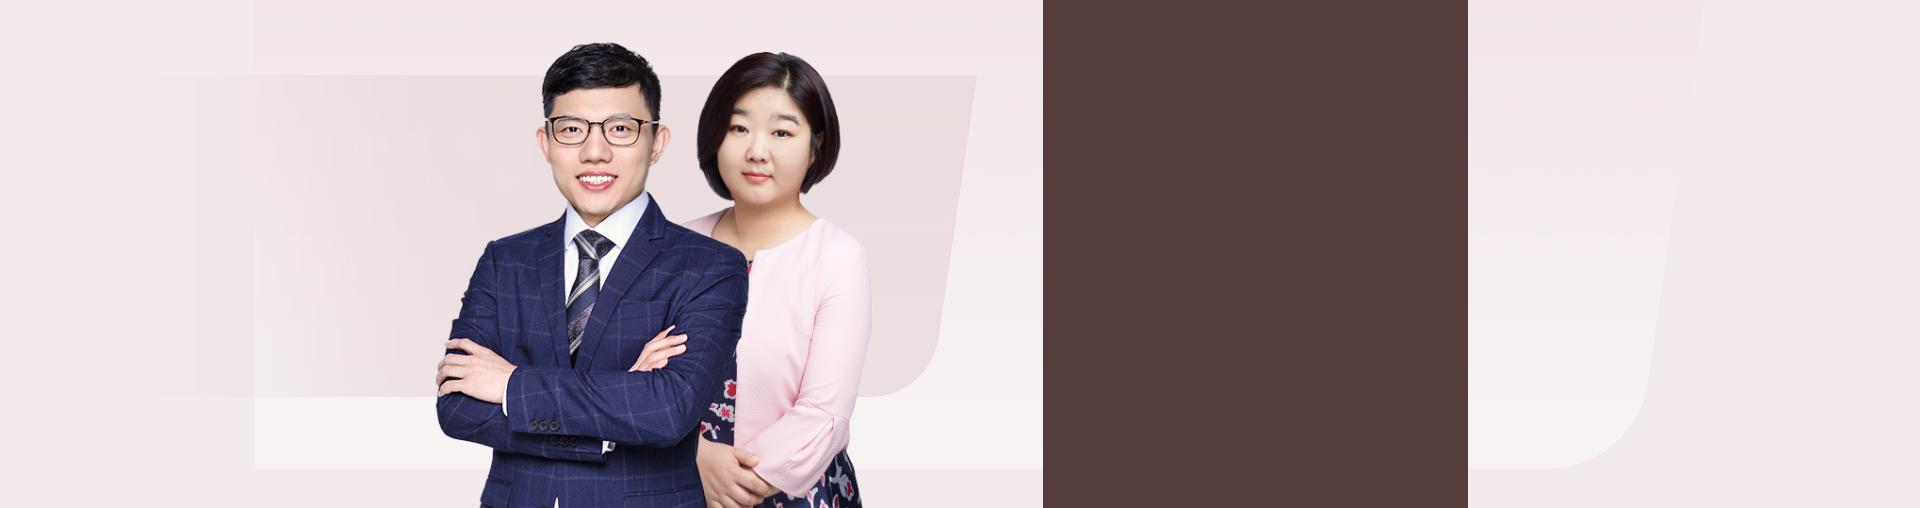 【国庆开课】高三语文+英语